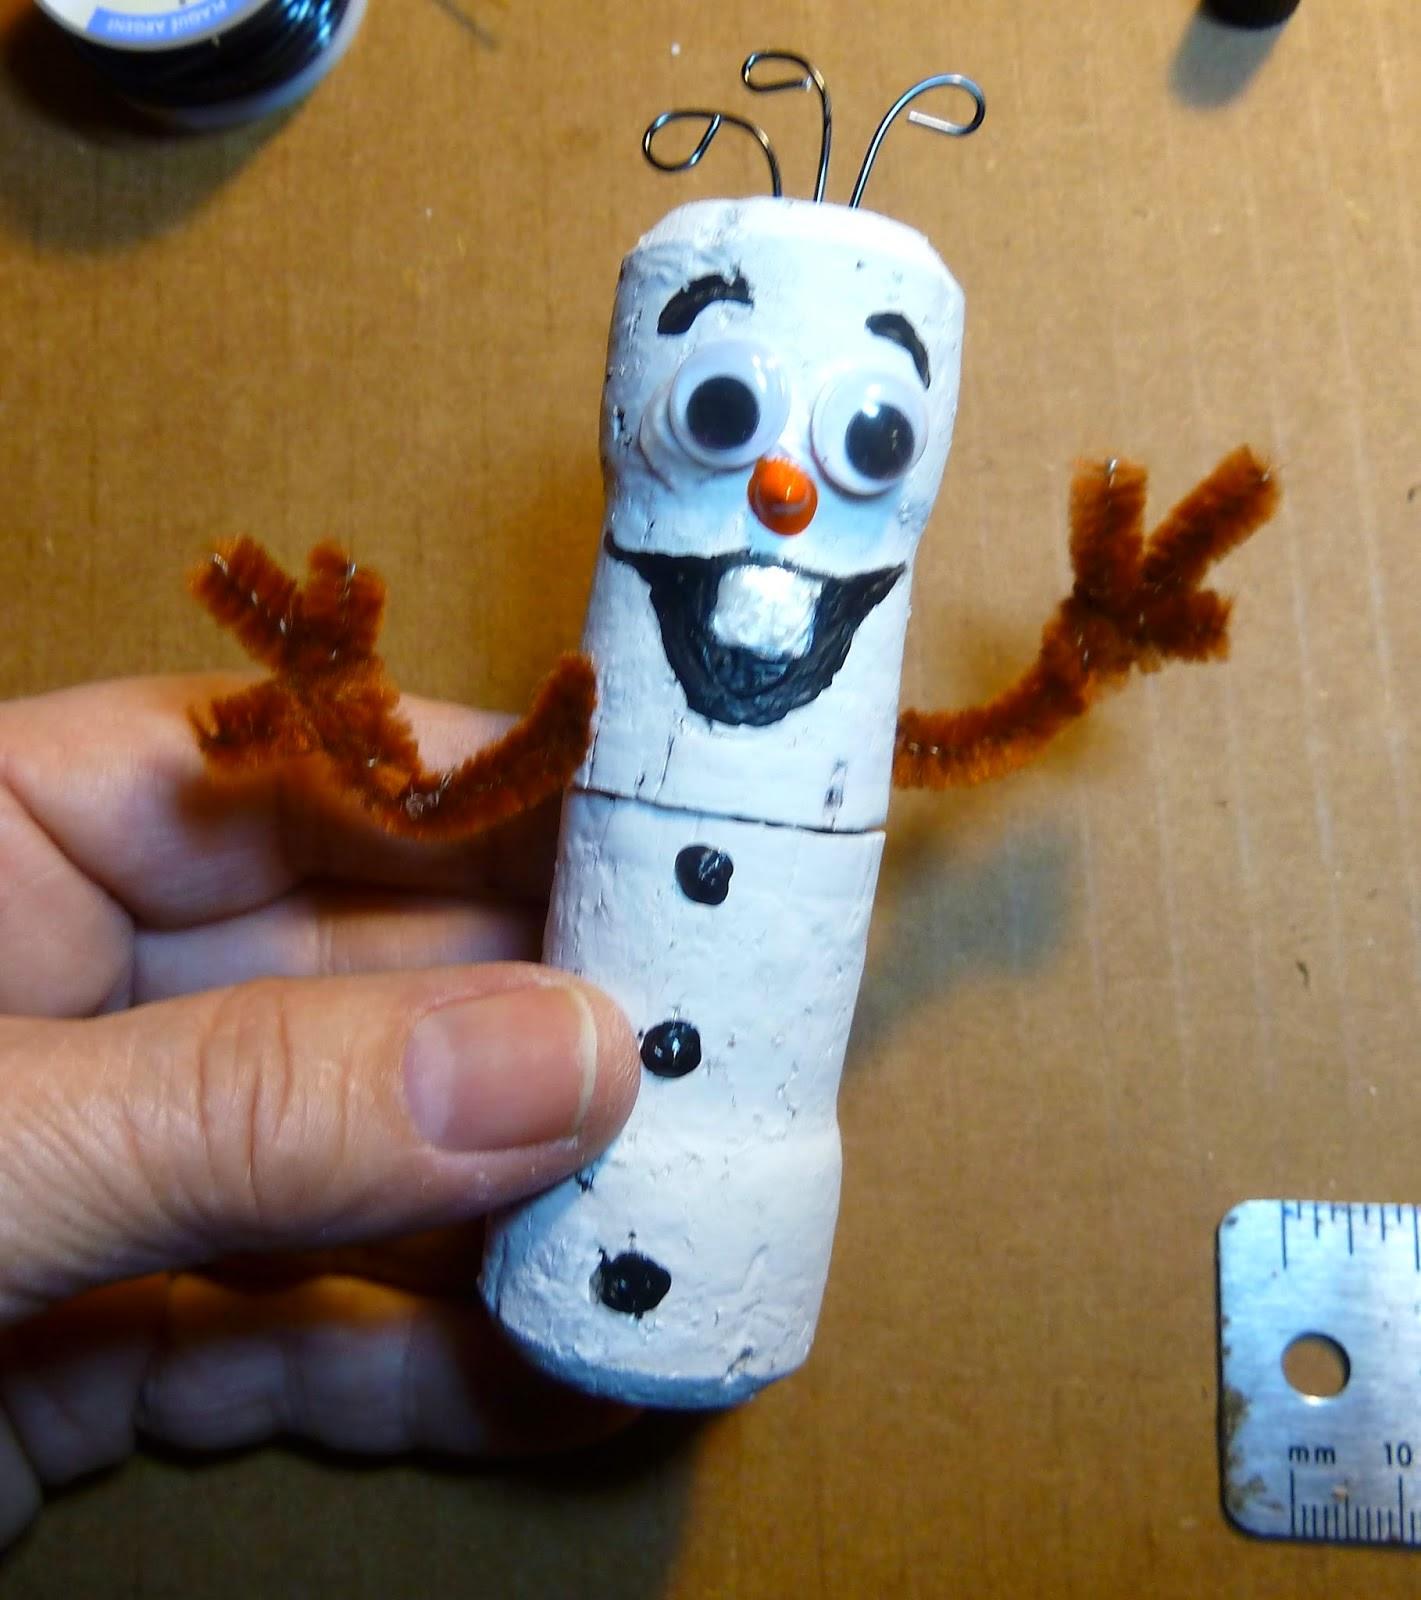 http://www.makeiteasycrafts.com/2014/11/frozen-ollie-snowman-ornament-tutorial.html